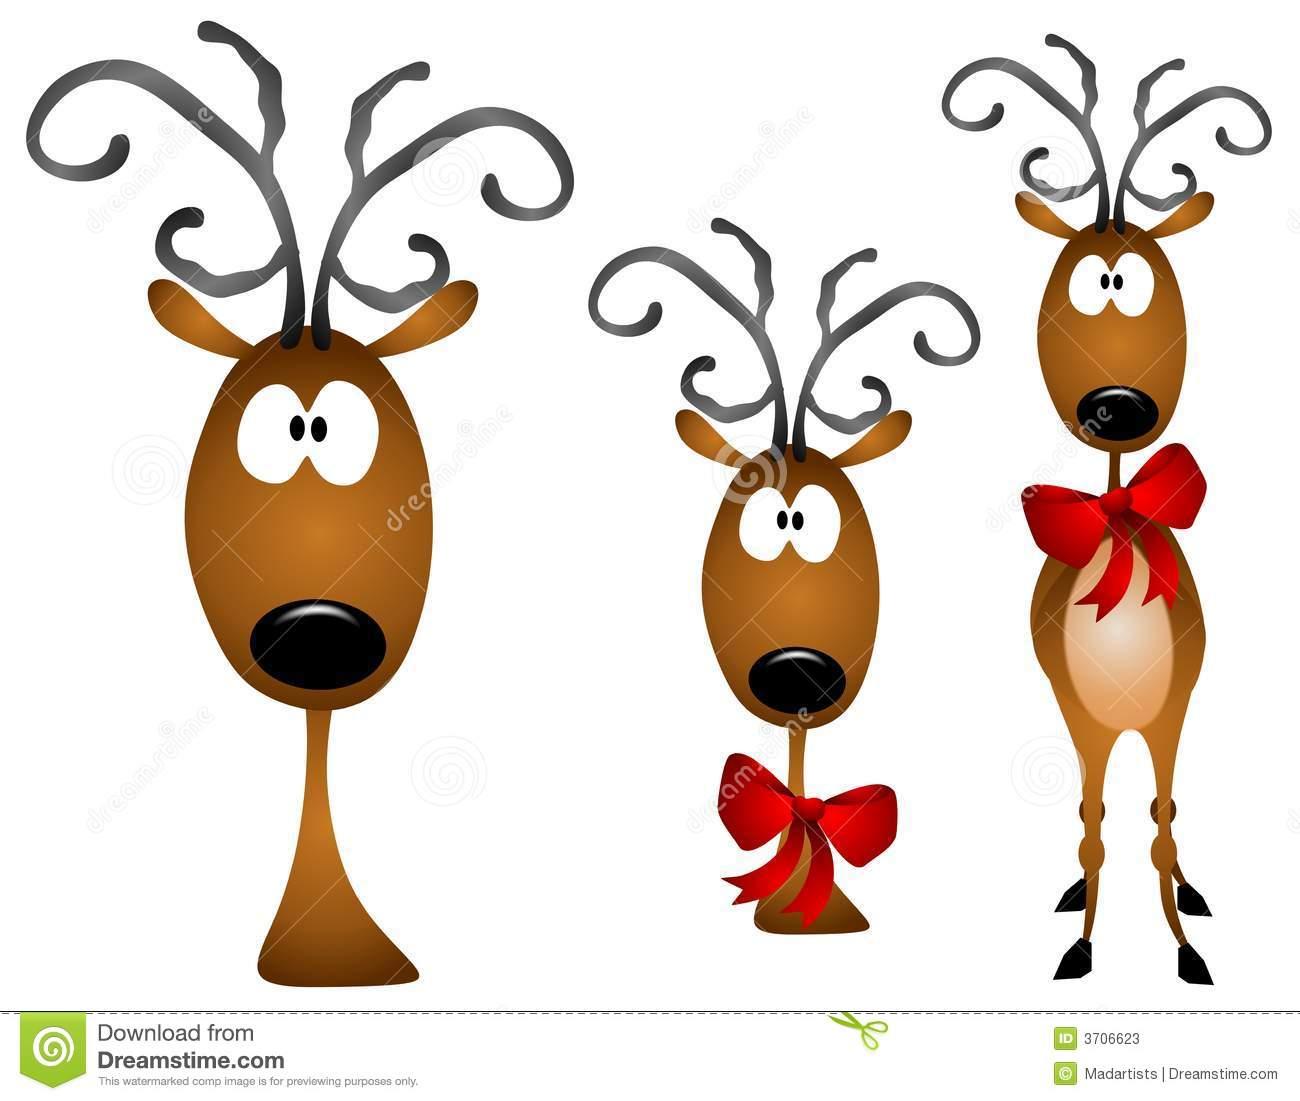 cute reindeer clipart at getdrawings com free for personal use rh getdrawings com free reindeer clip art download free christmas reindeer clipart